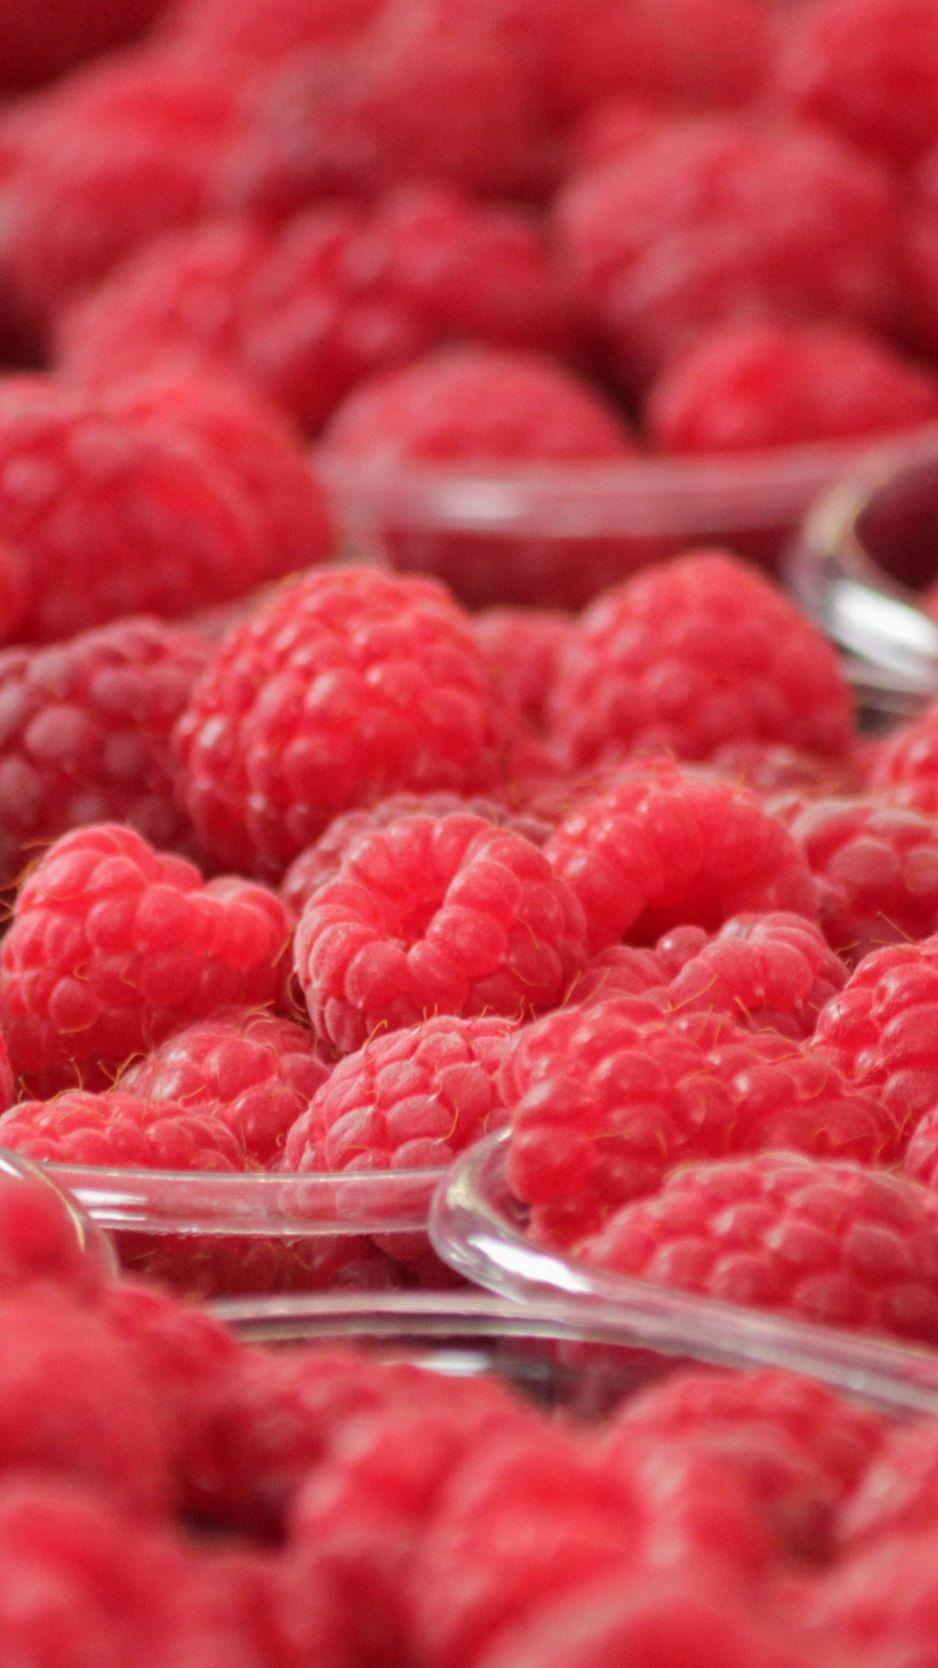 938x1668 Wallpaper raspberry, berry, ripe, bowl